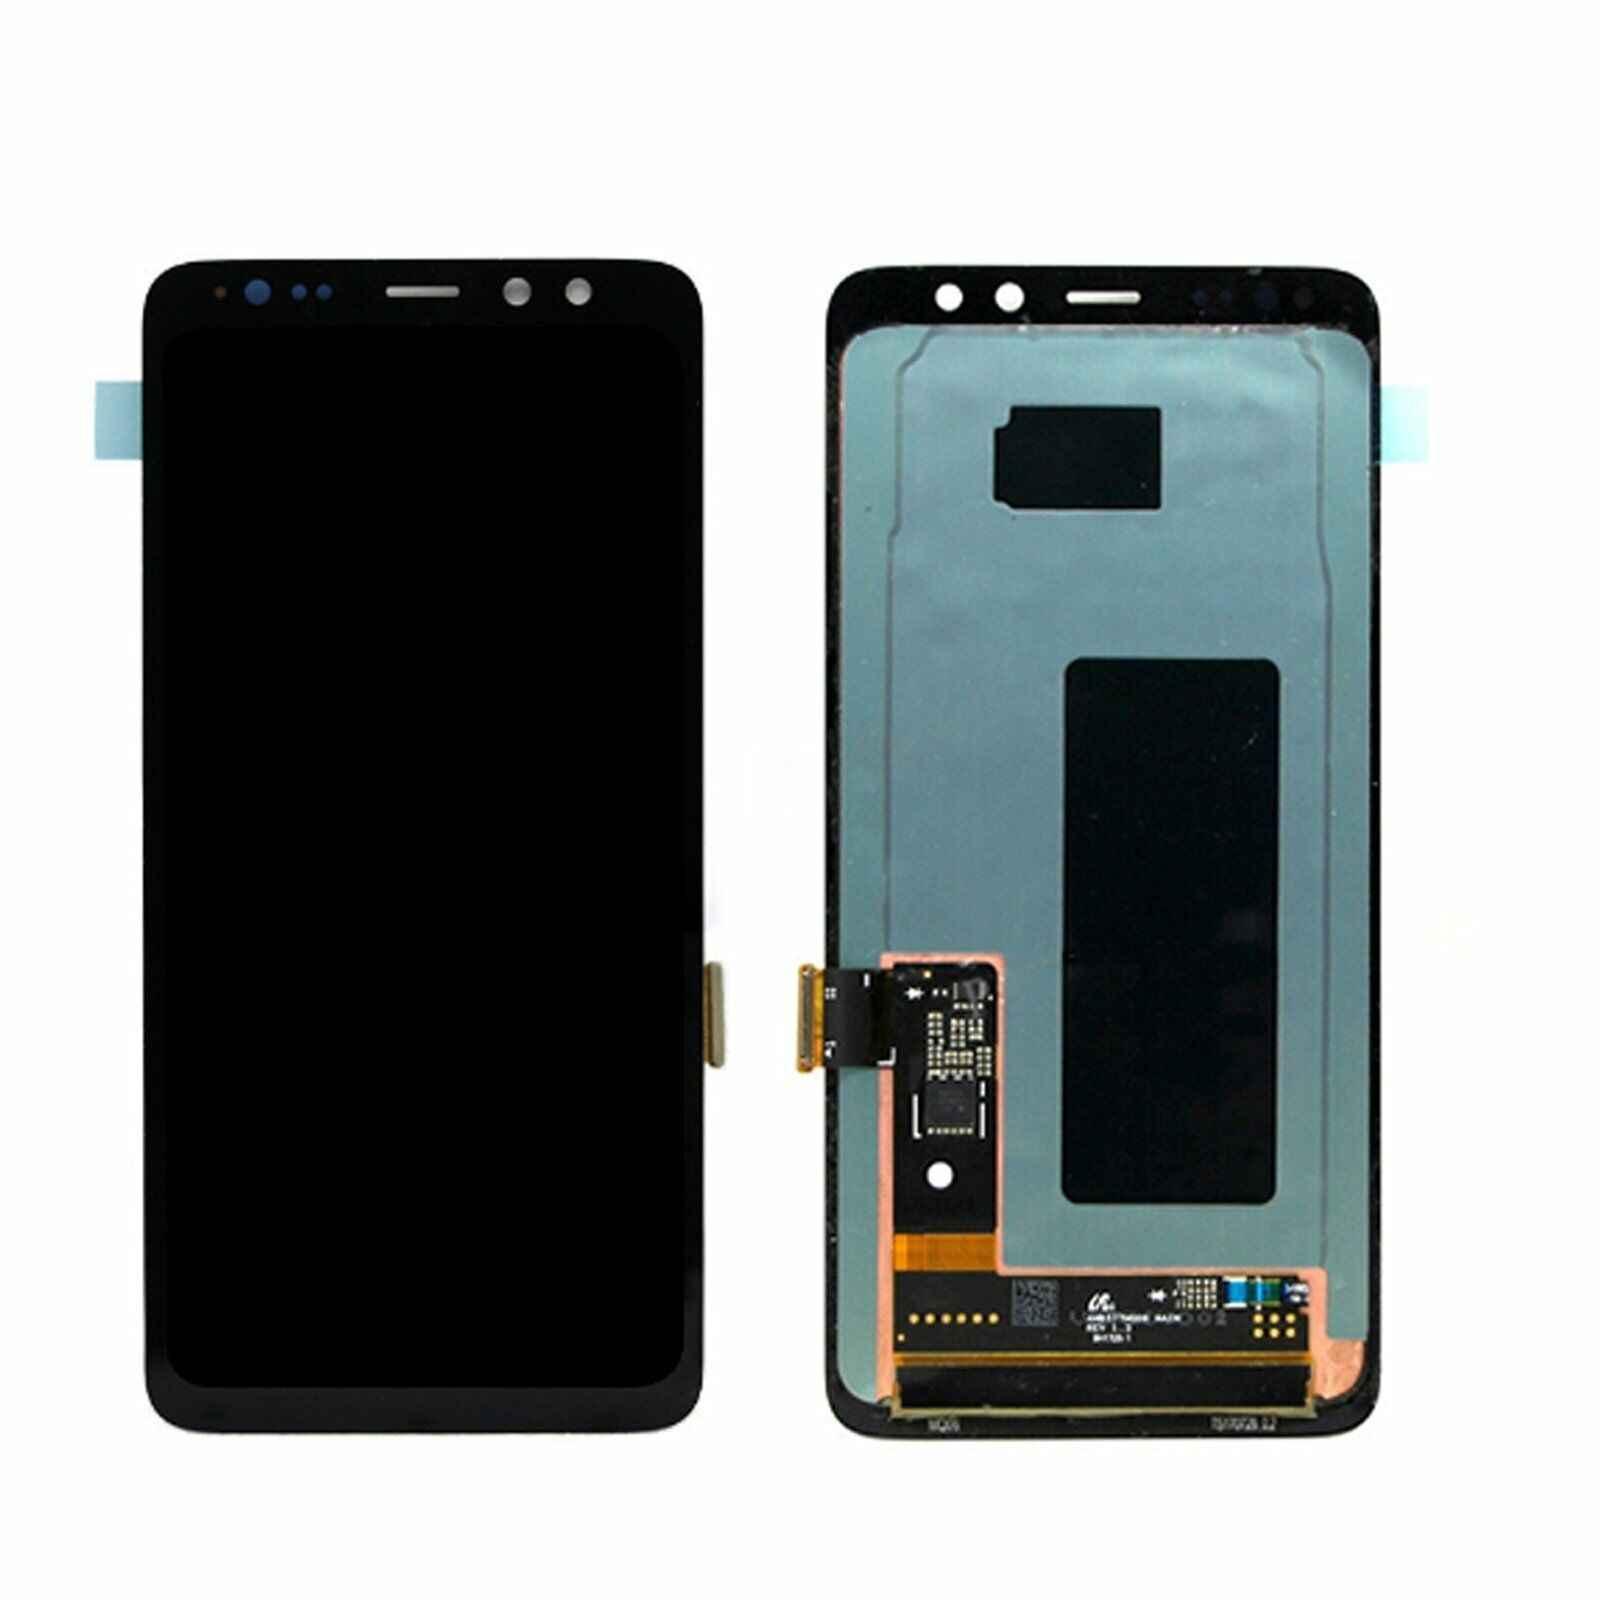 شاشة الكريستال السائل محول الأرقام بشاشة تعمل بلمس الهاتف المحمول تجديد استبدال إصلاح أجزاء ل samsung galaxy s8 نشط g892